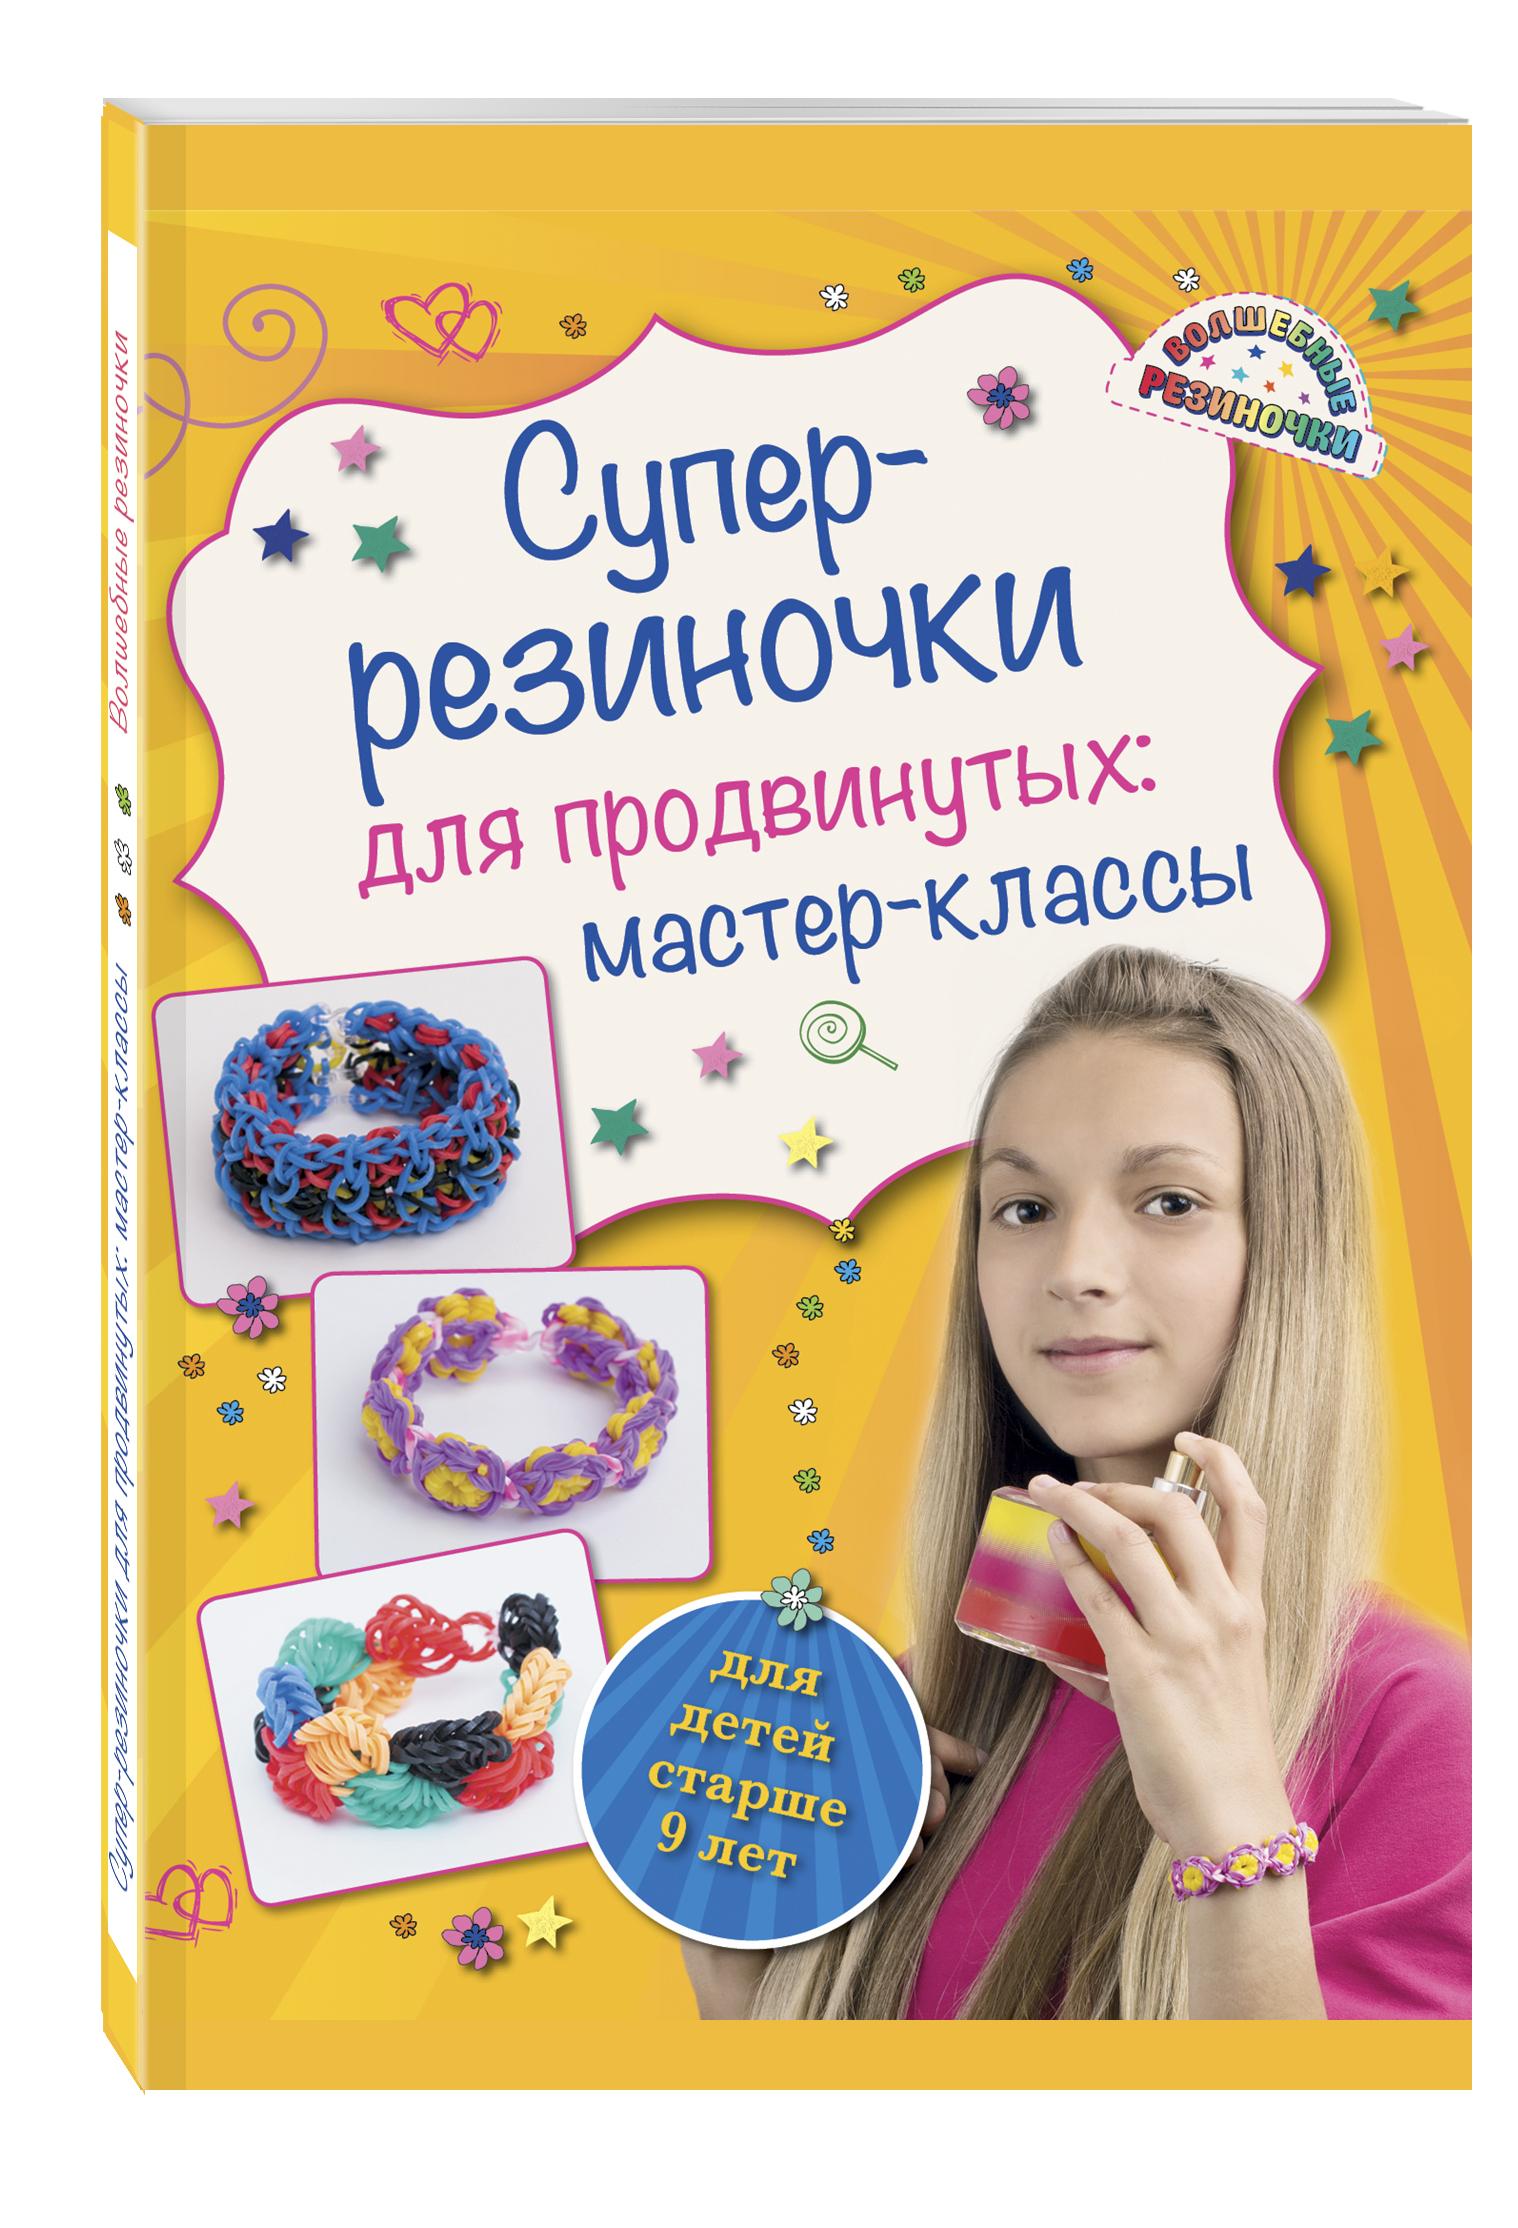 Елисеева А.В. Супер резиночки для продвинутых: мастер-классы (для детей старше 9 лет) компании которые дают тебе товар совершенно бесплатно